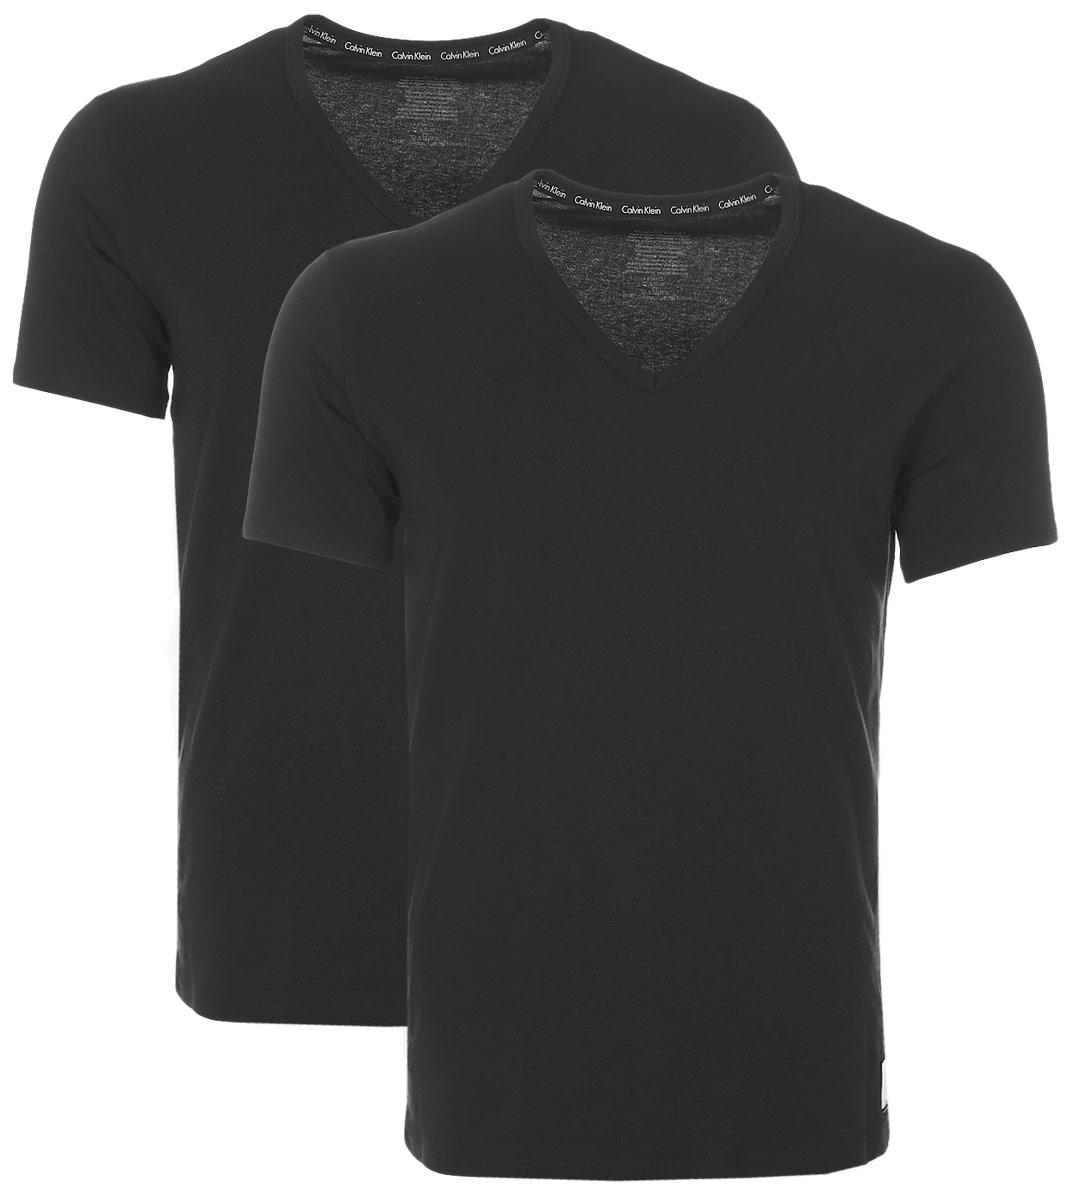 Футболка для дома мужская Calvin Klein Underwear, цвет: черный, 2 шт. NU8698A. Размер M (46/48)NU8698AМужская футболка Calvin Klein Underwear изготовлена из натурального хлопка с добавлением эластана. Модель с V-образной горловиной и короткими рукавами. Футболка дополнена квадратной нашивкой с названием бренда.